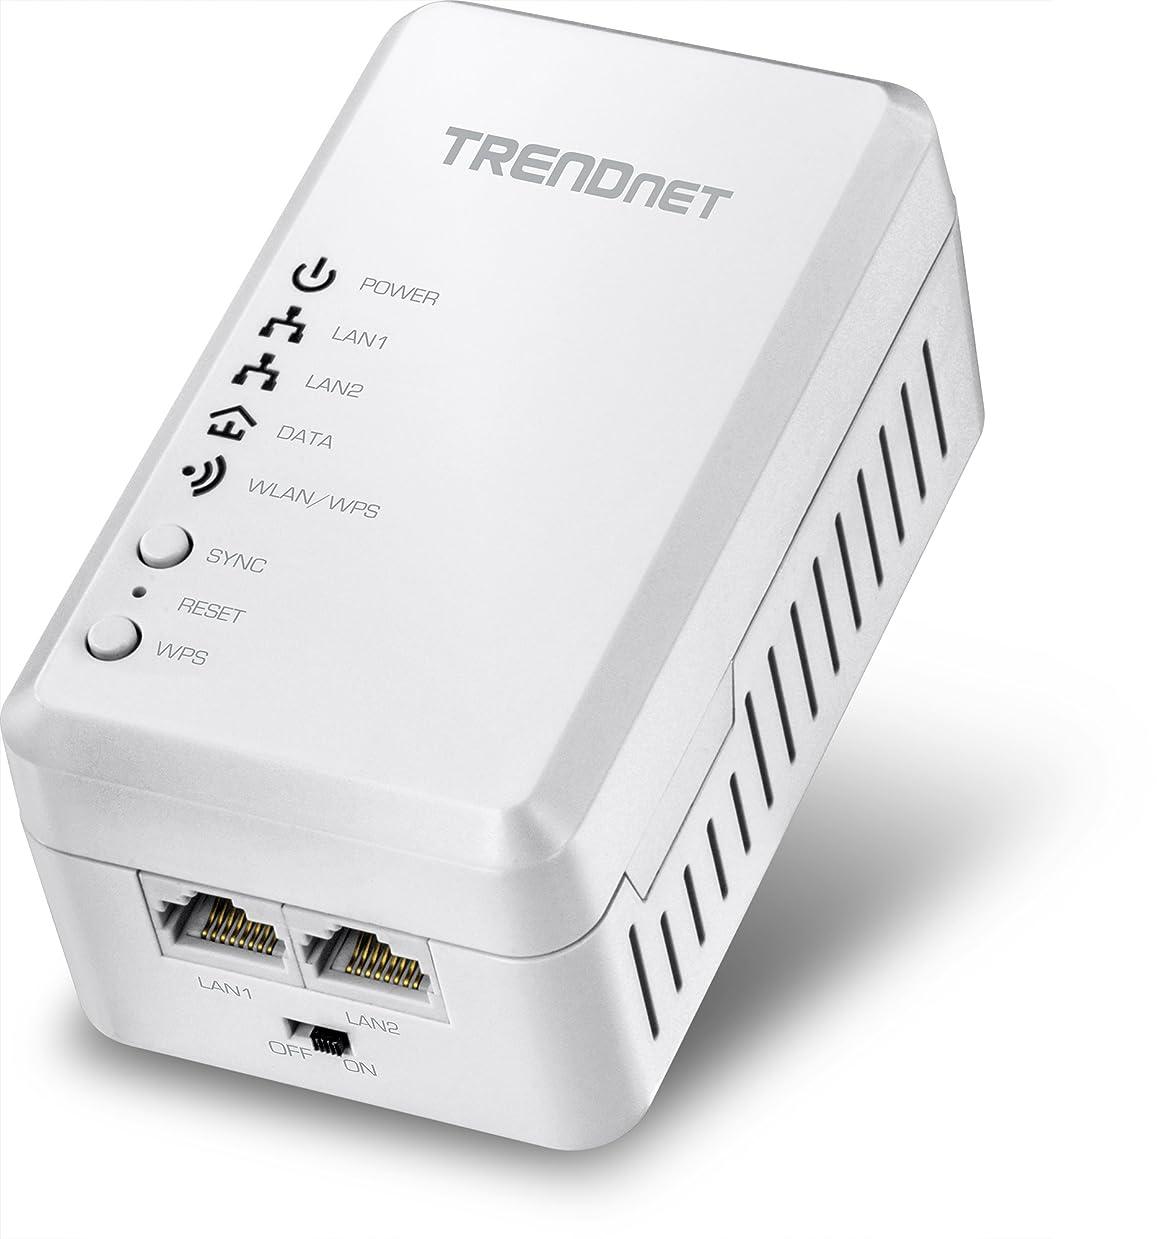 TRENDnet TPL-410AP - Bridge - HomePlug AV (HPAV) - 802.11b/g/n - 2.4 GHz - wall-pluggable